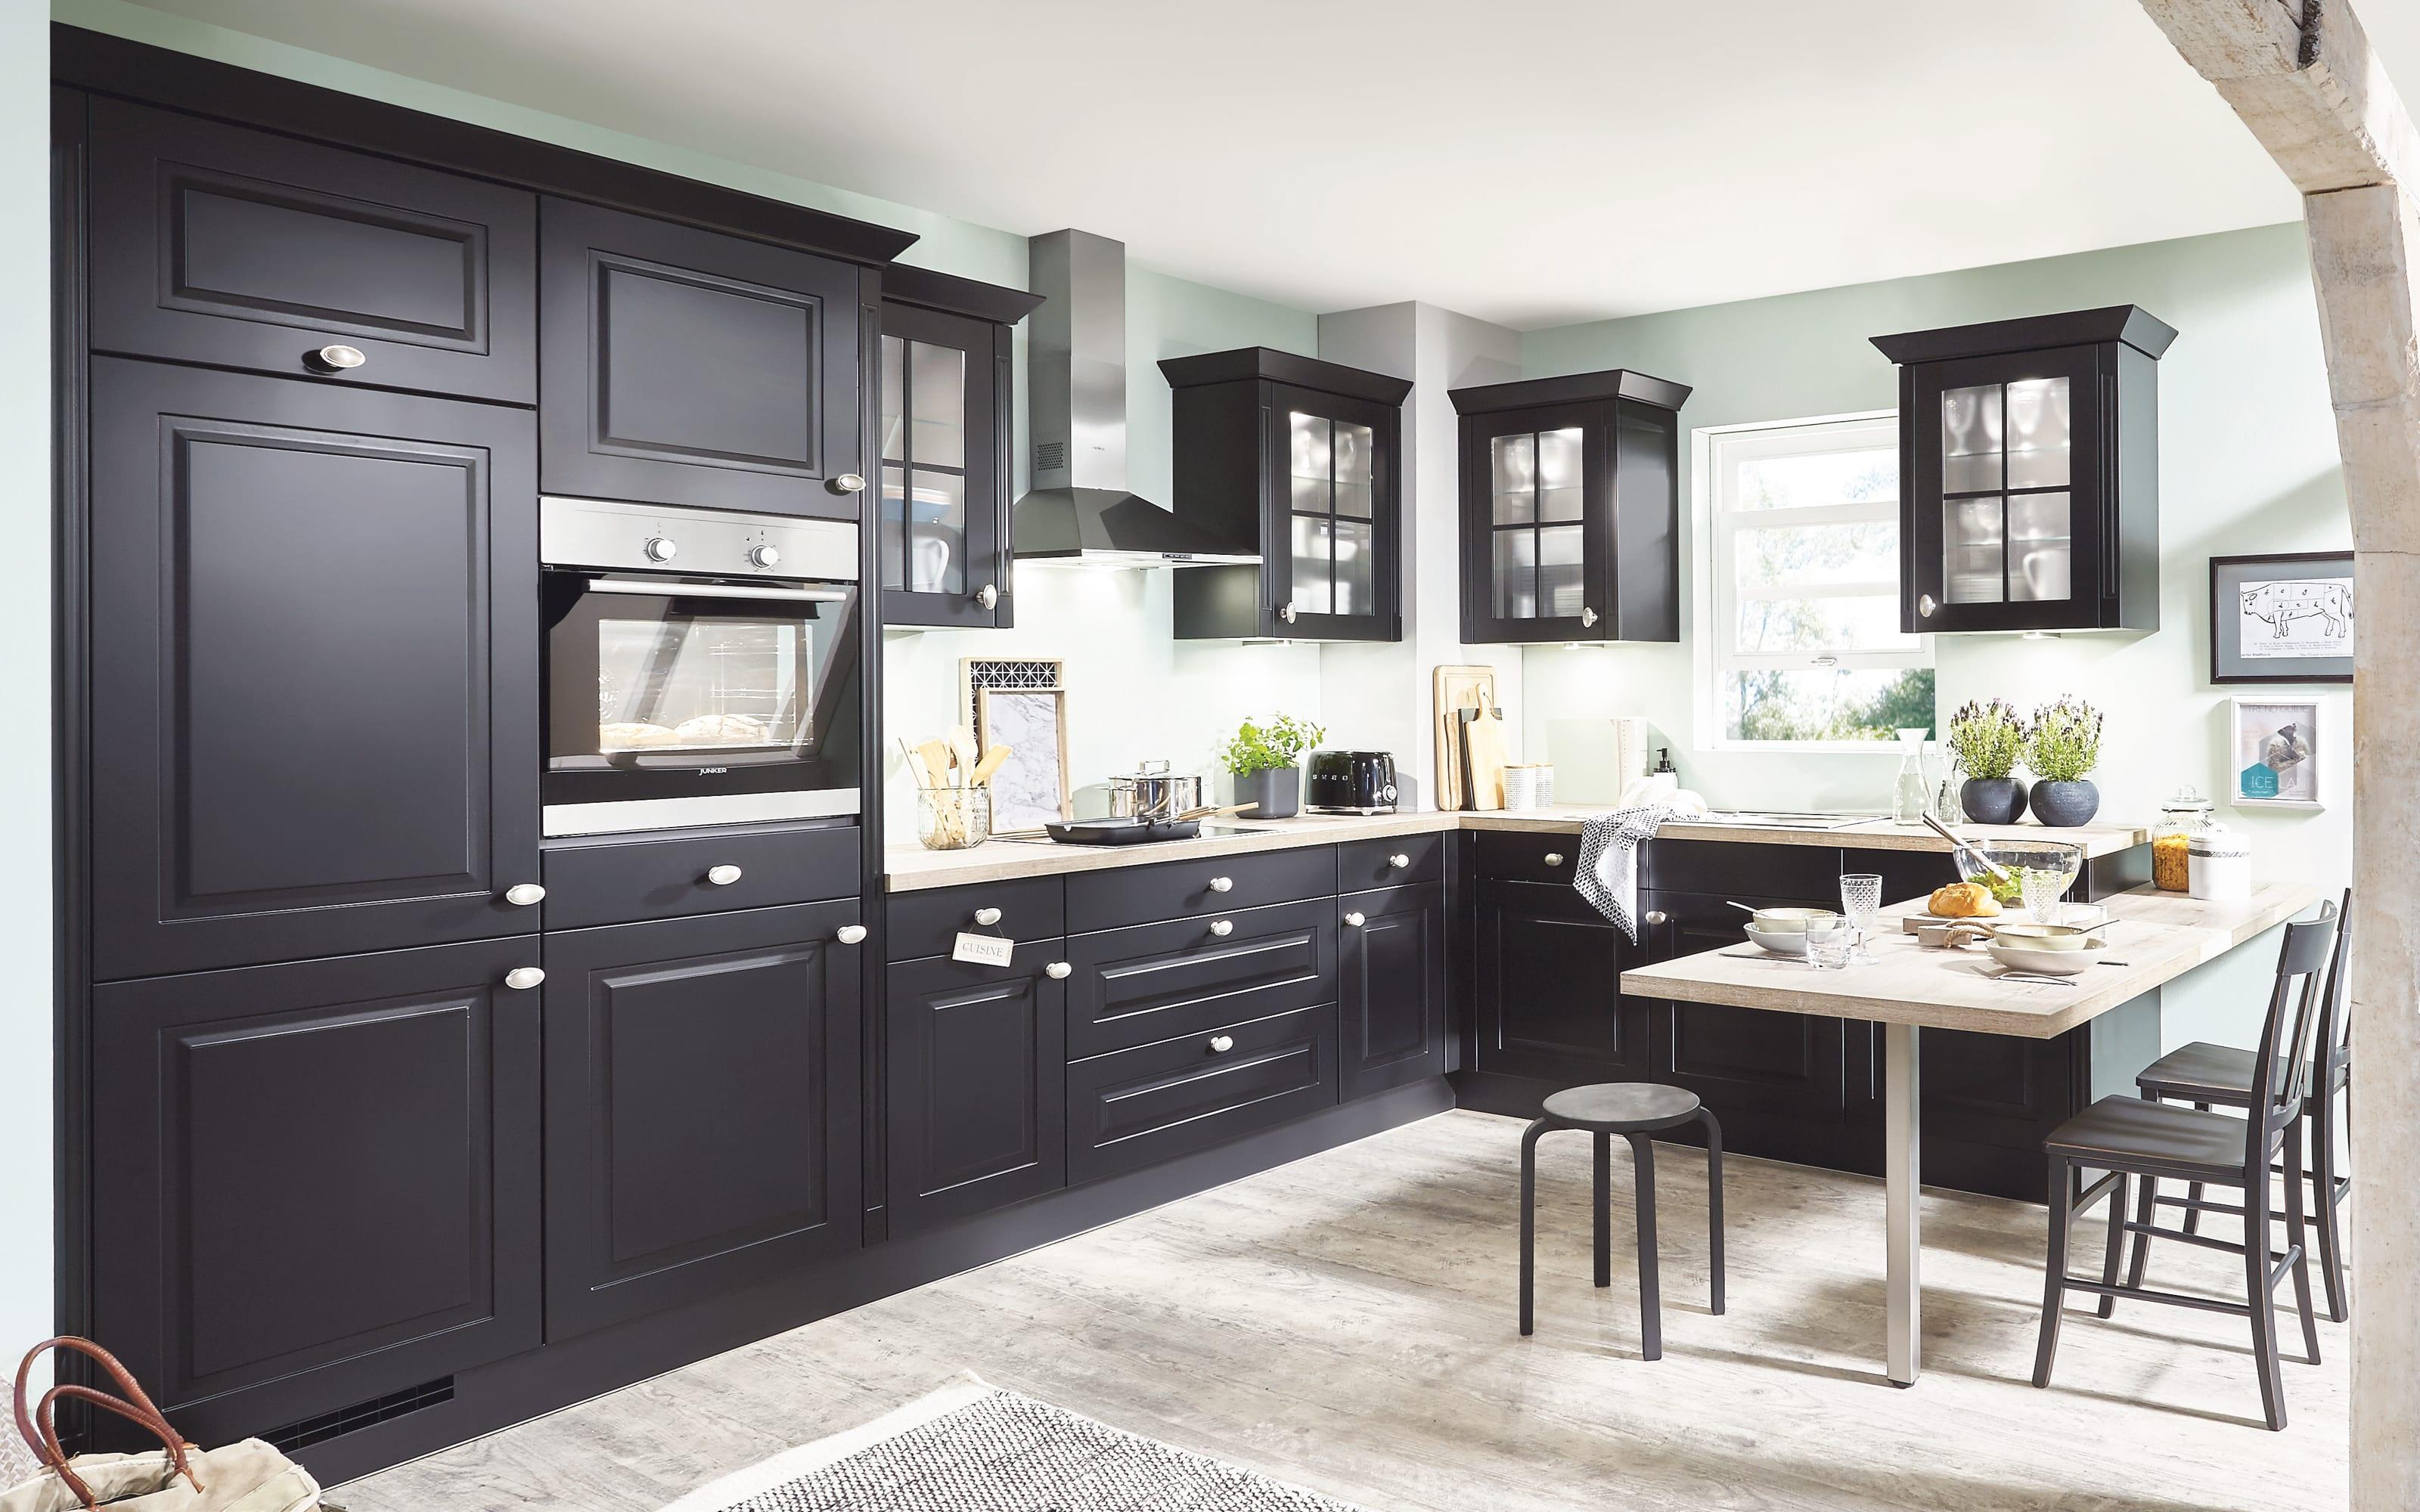 Einbauküche Sylt, schwarz, inklusive Miele Backofen, inklusive Junker Geschirrspüler